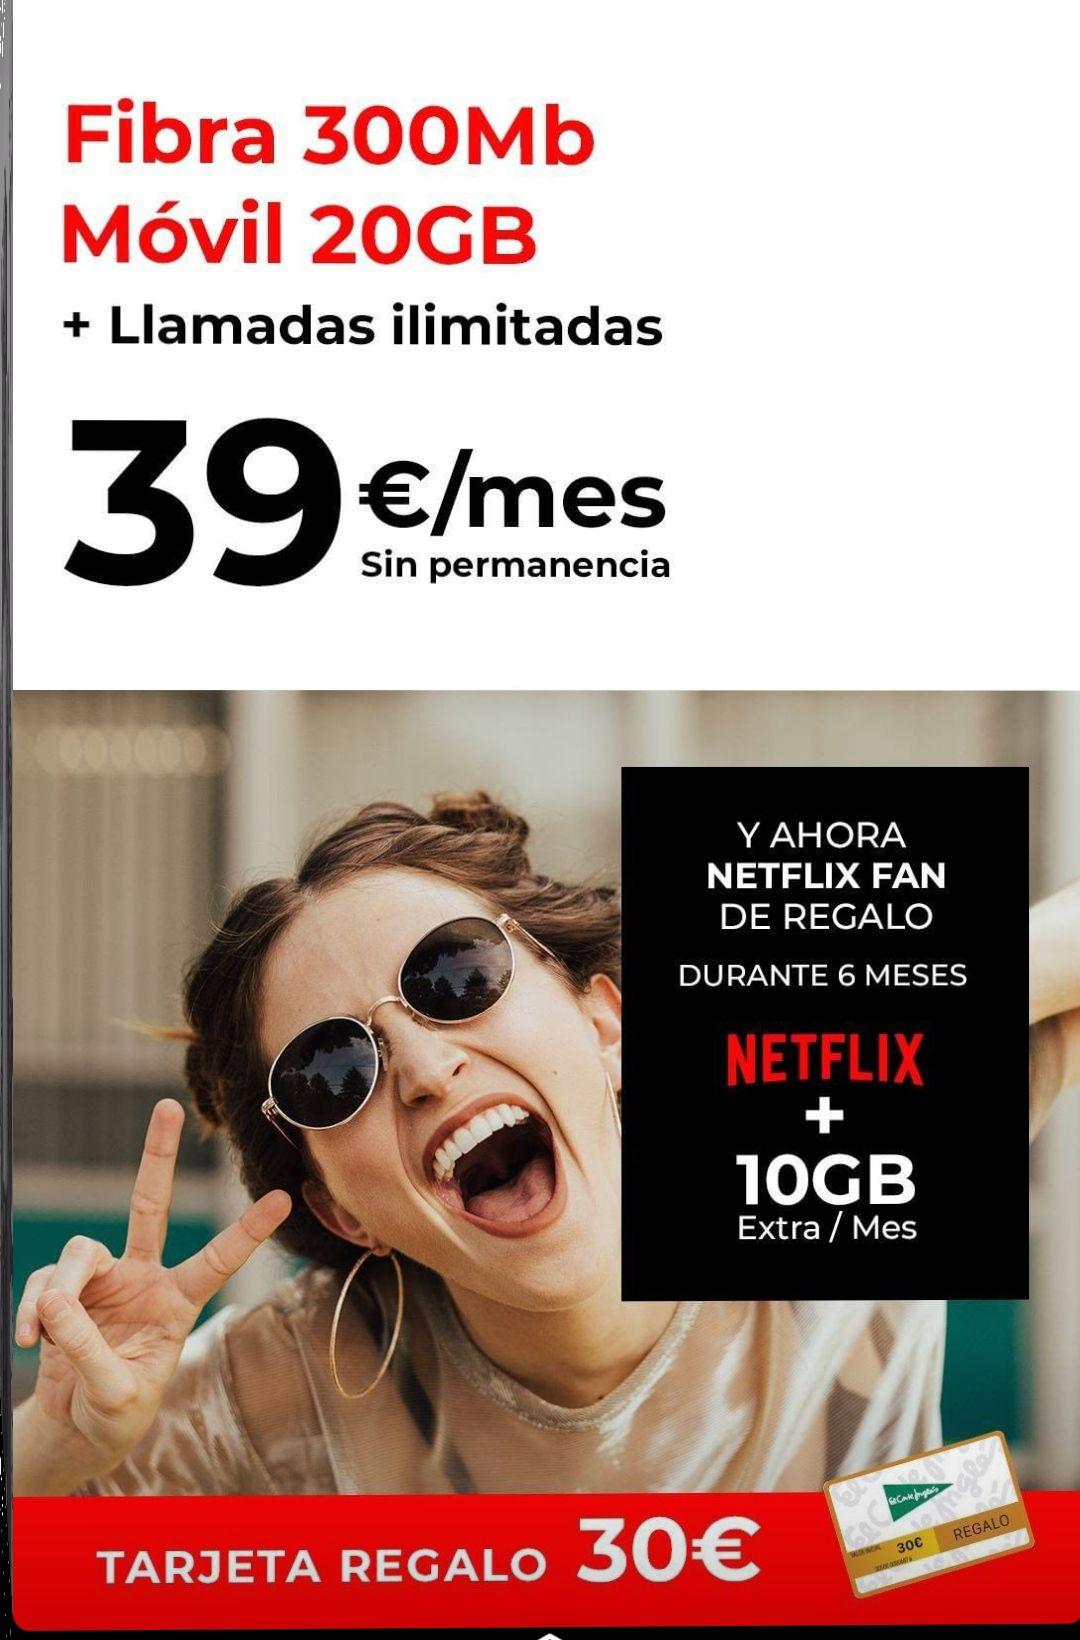 300 MB Fibra +Móvil 20Gb +10Gb extra+Llamadas ilimitadas+6 meses de Netflix gratis+ 30€ tarjeta regalo el Corte Inglés (Sin permanencia)